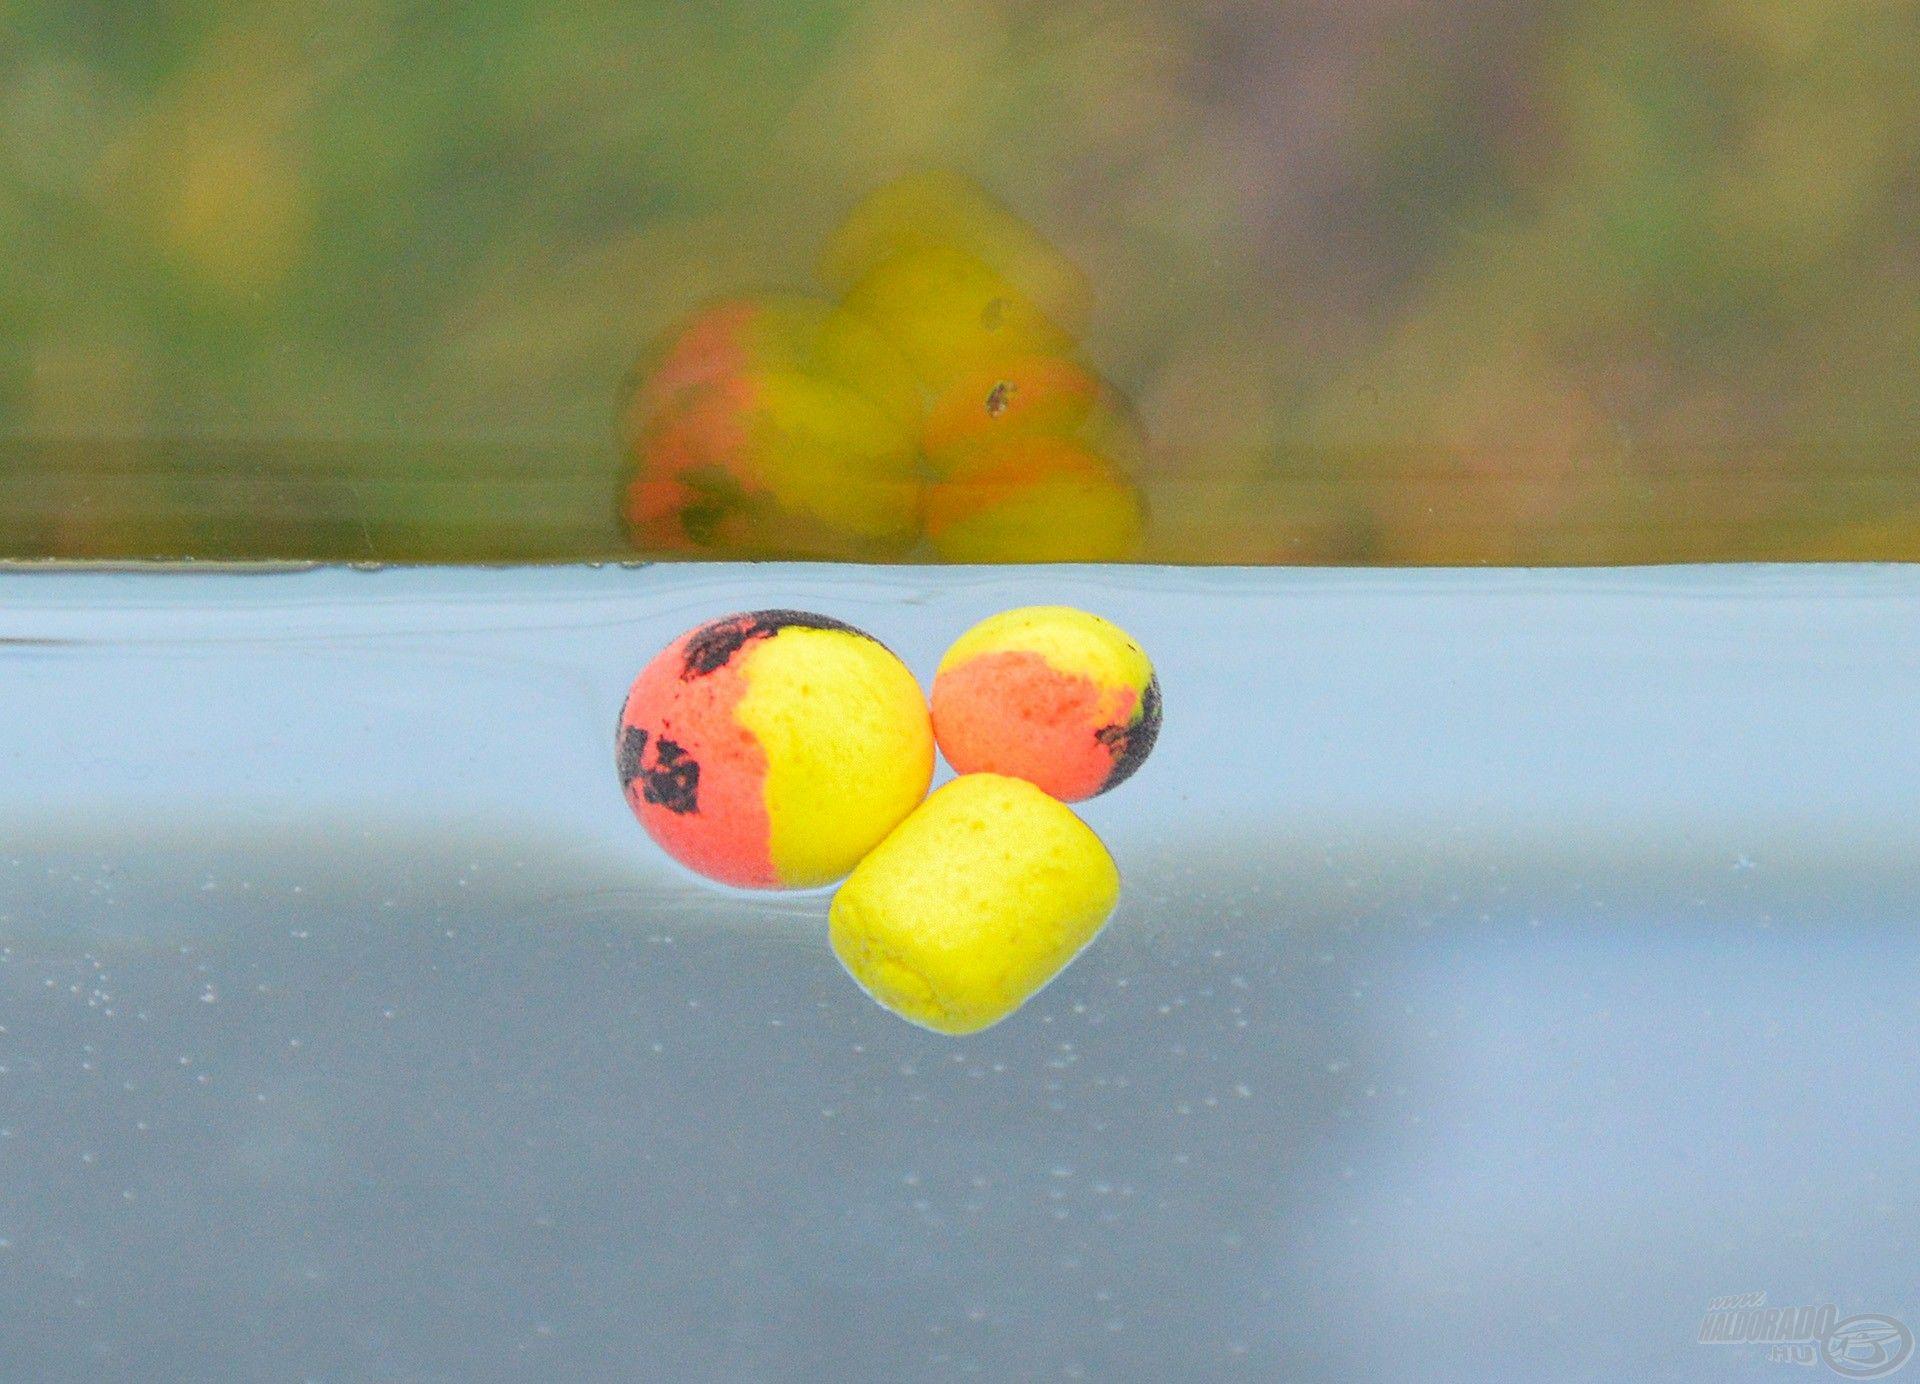 Mindkét csali önmagában a vízbe dobva lebeg, de a horog és a csalitüske lehúzza azt a fenékre